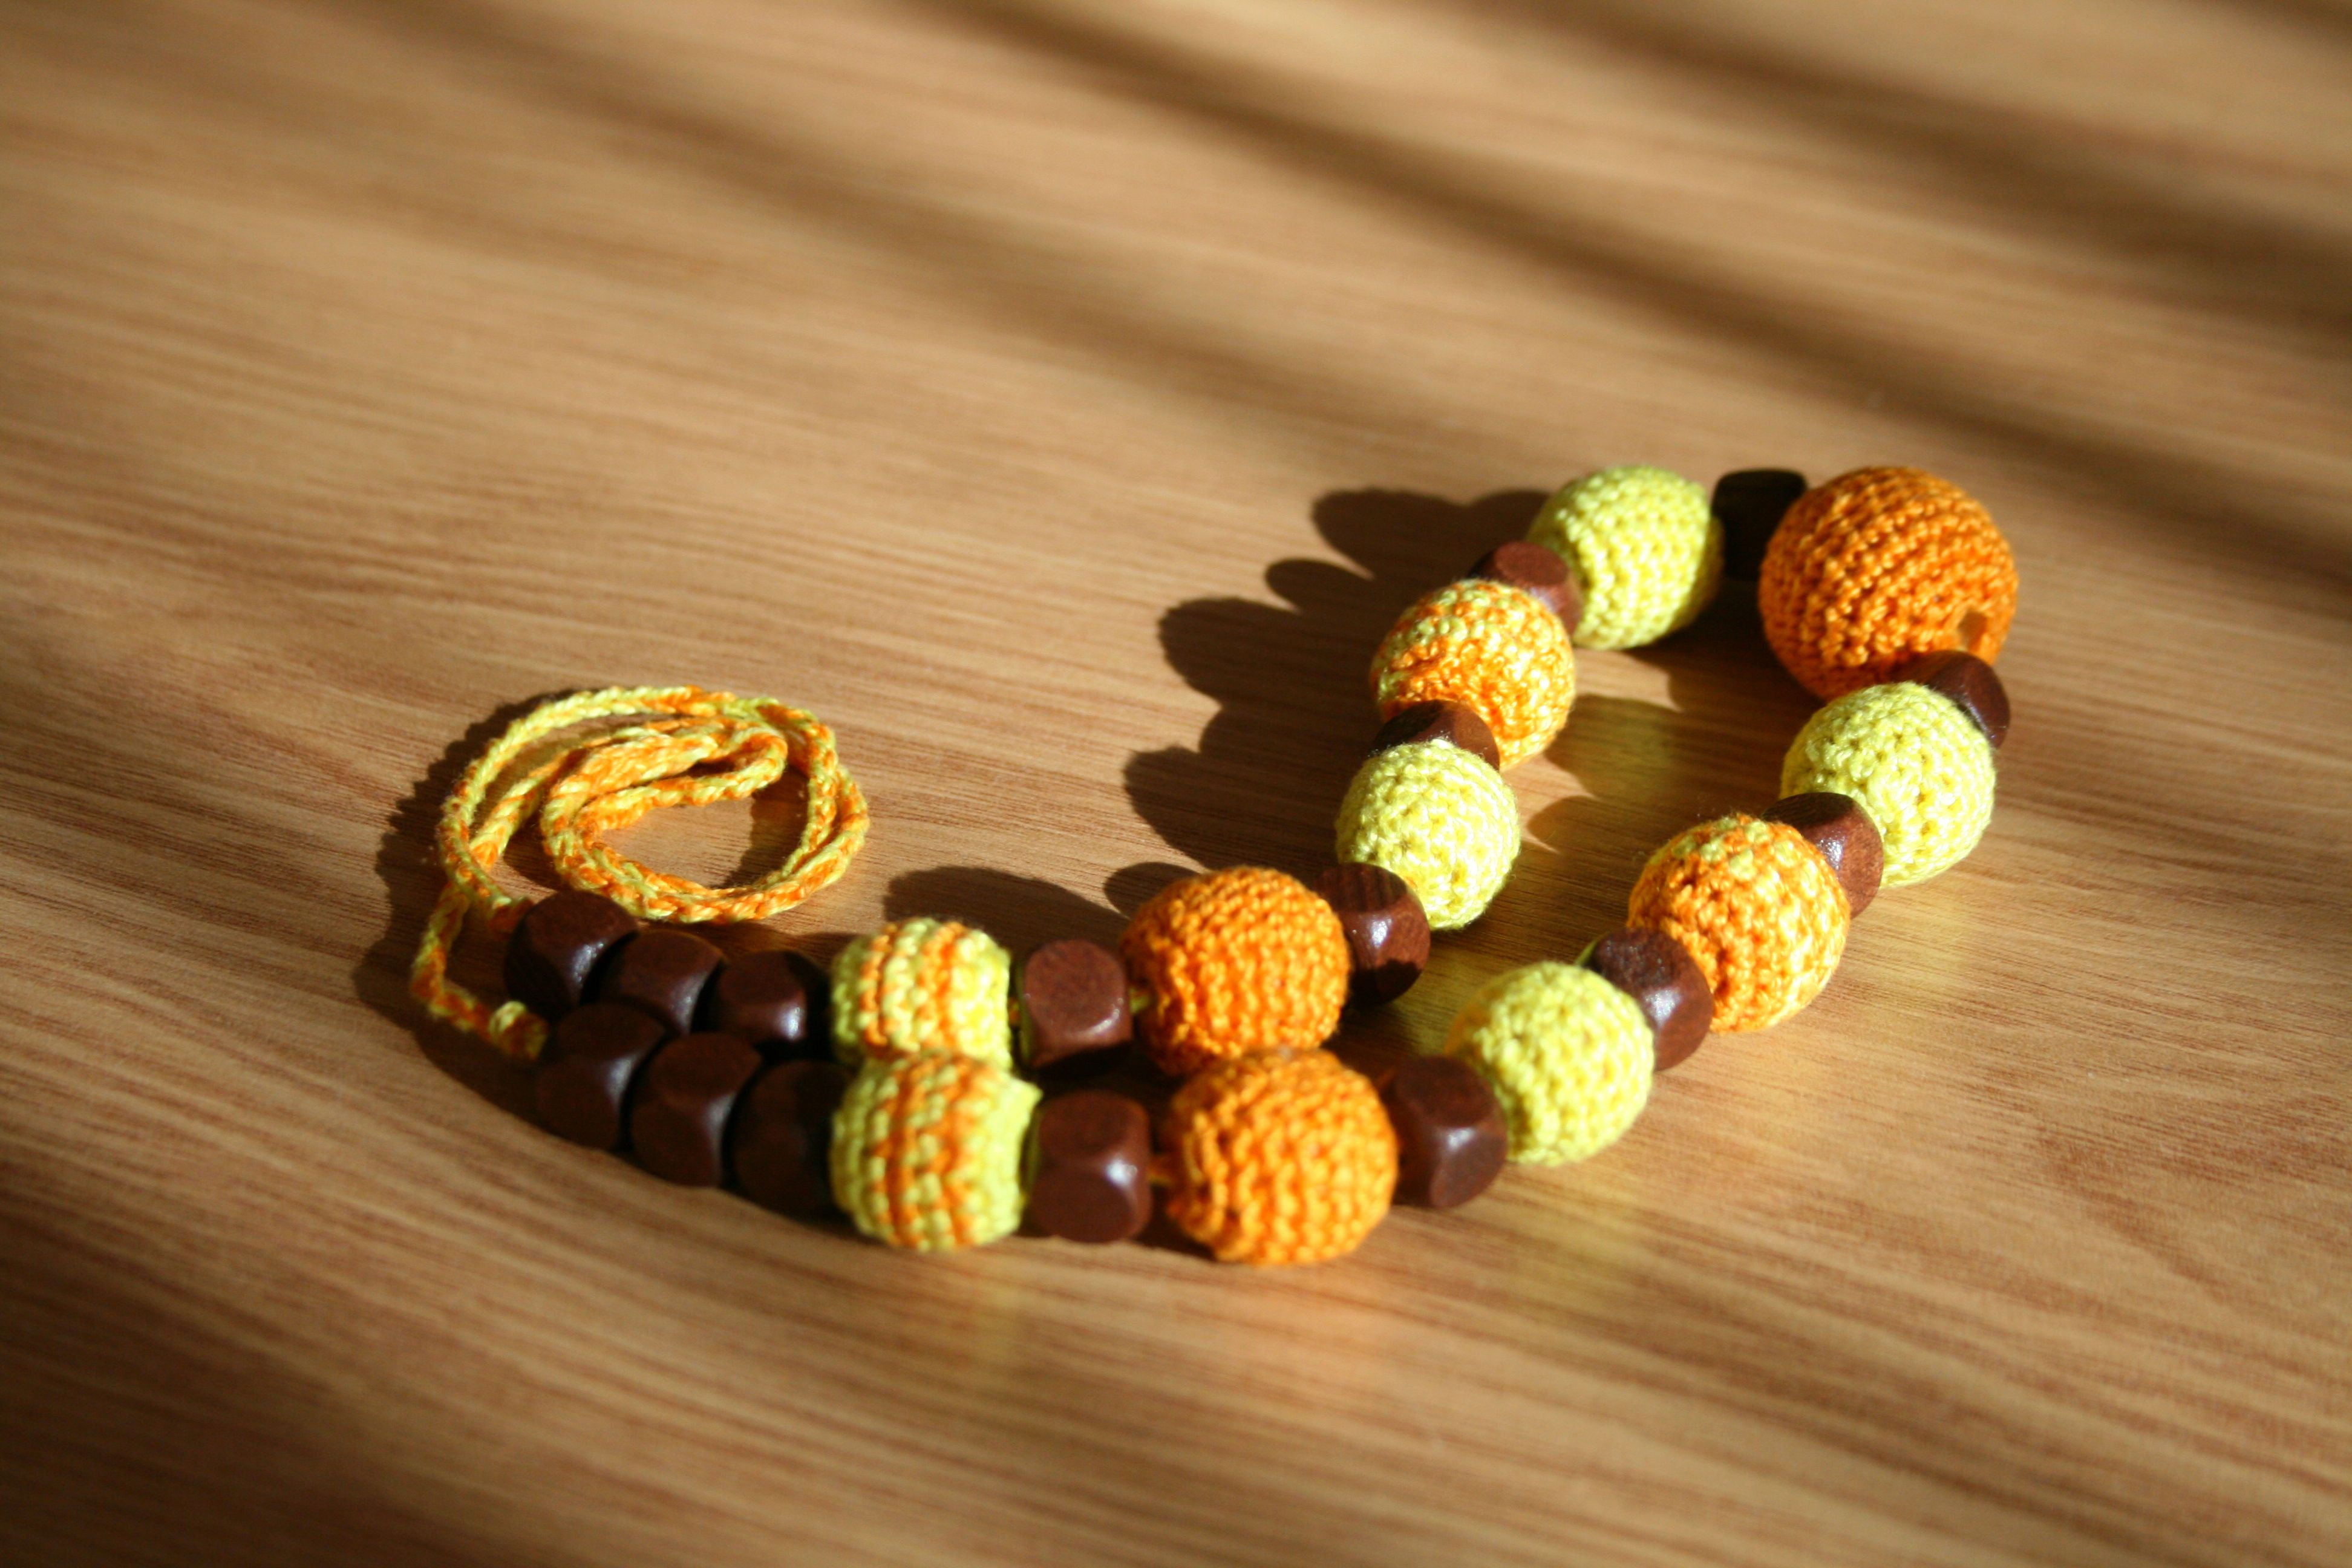 вязание бусы вязаныебусы слингобусы вязаниекрючком украшение ручнаяработа подарок